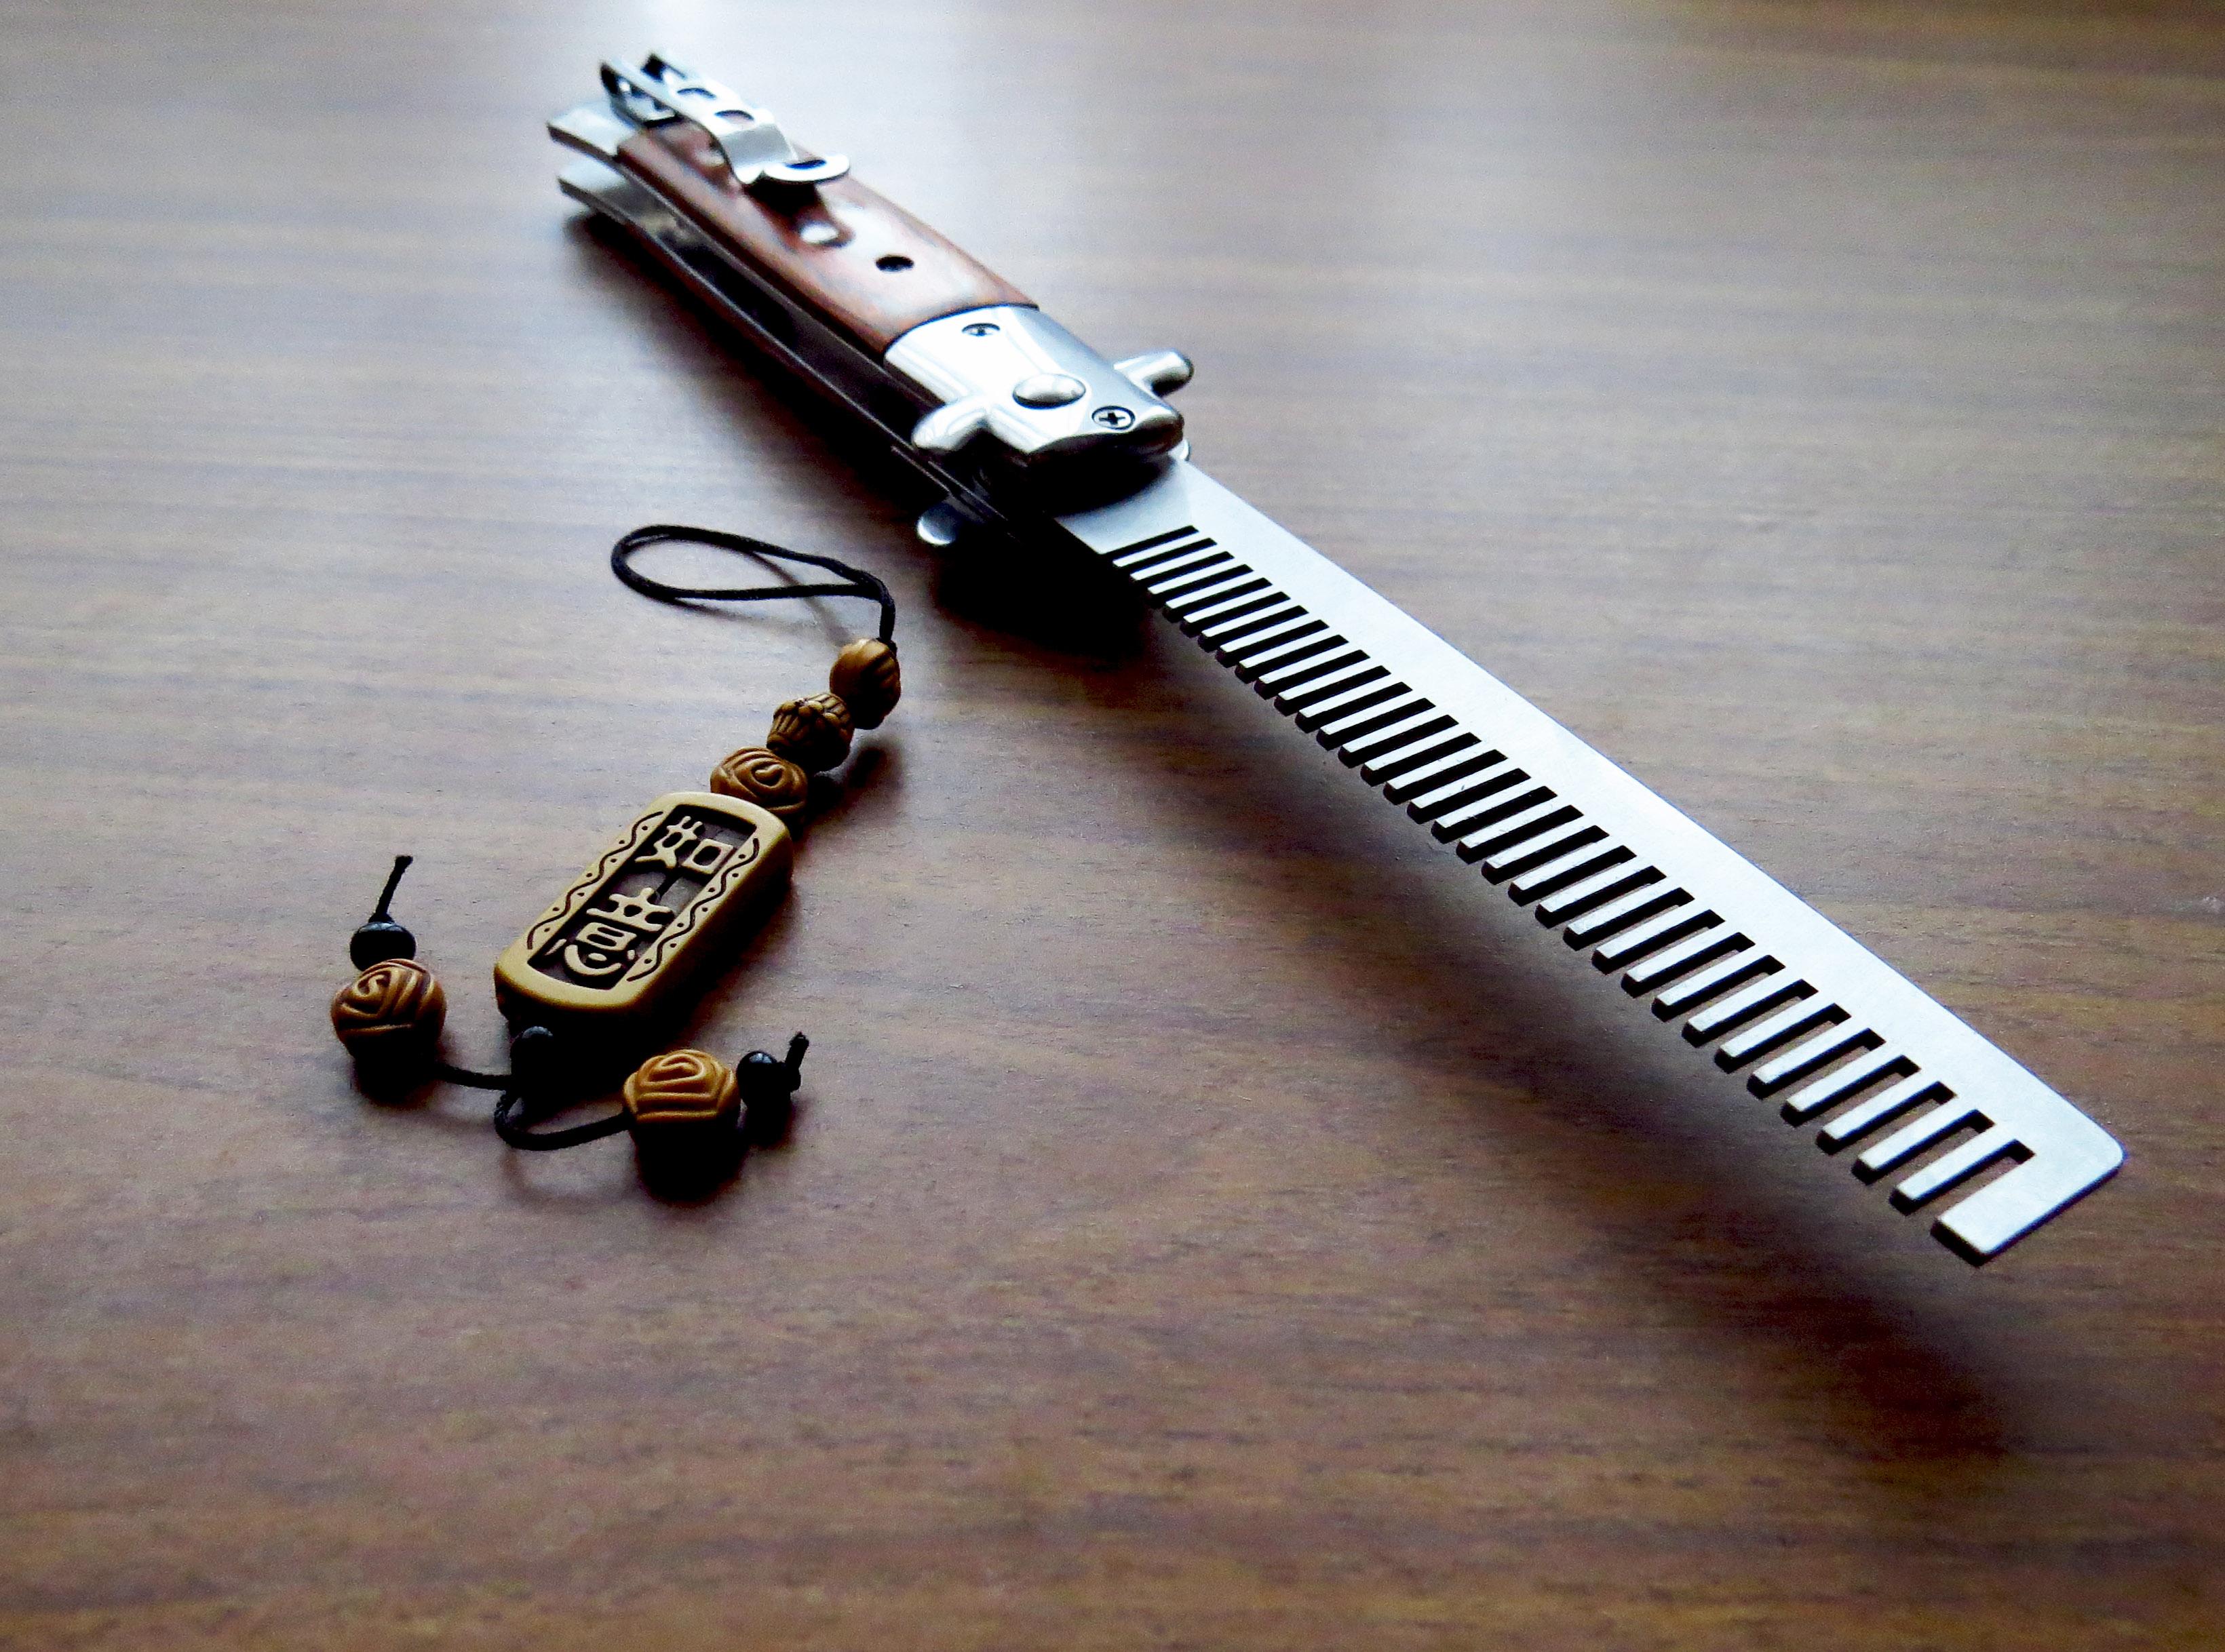 Складная расчёска-нож